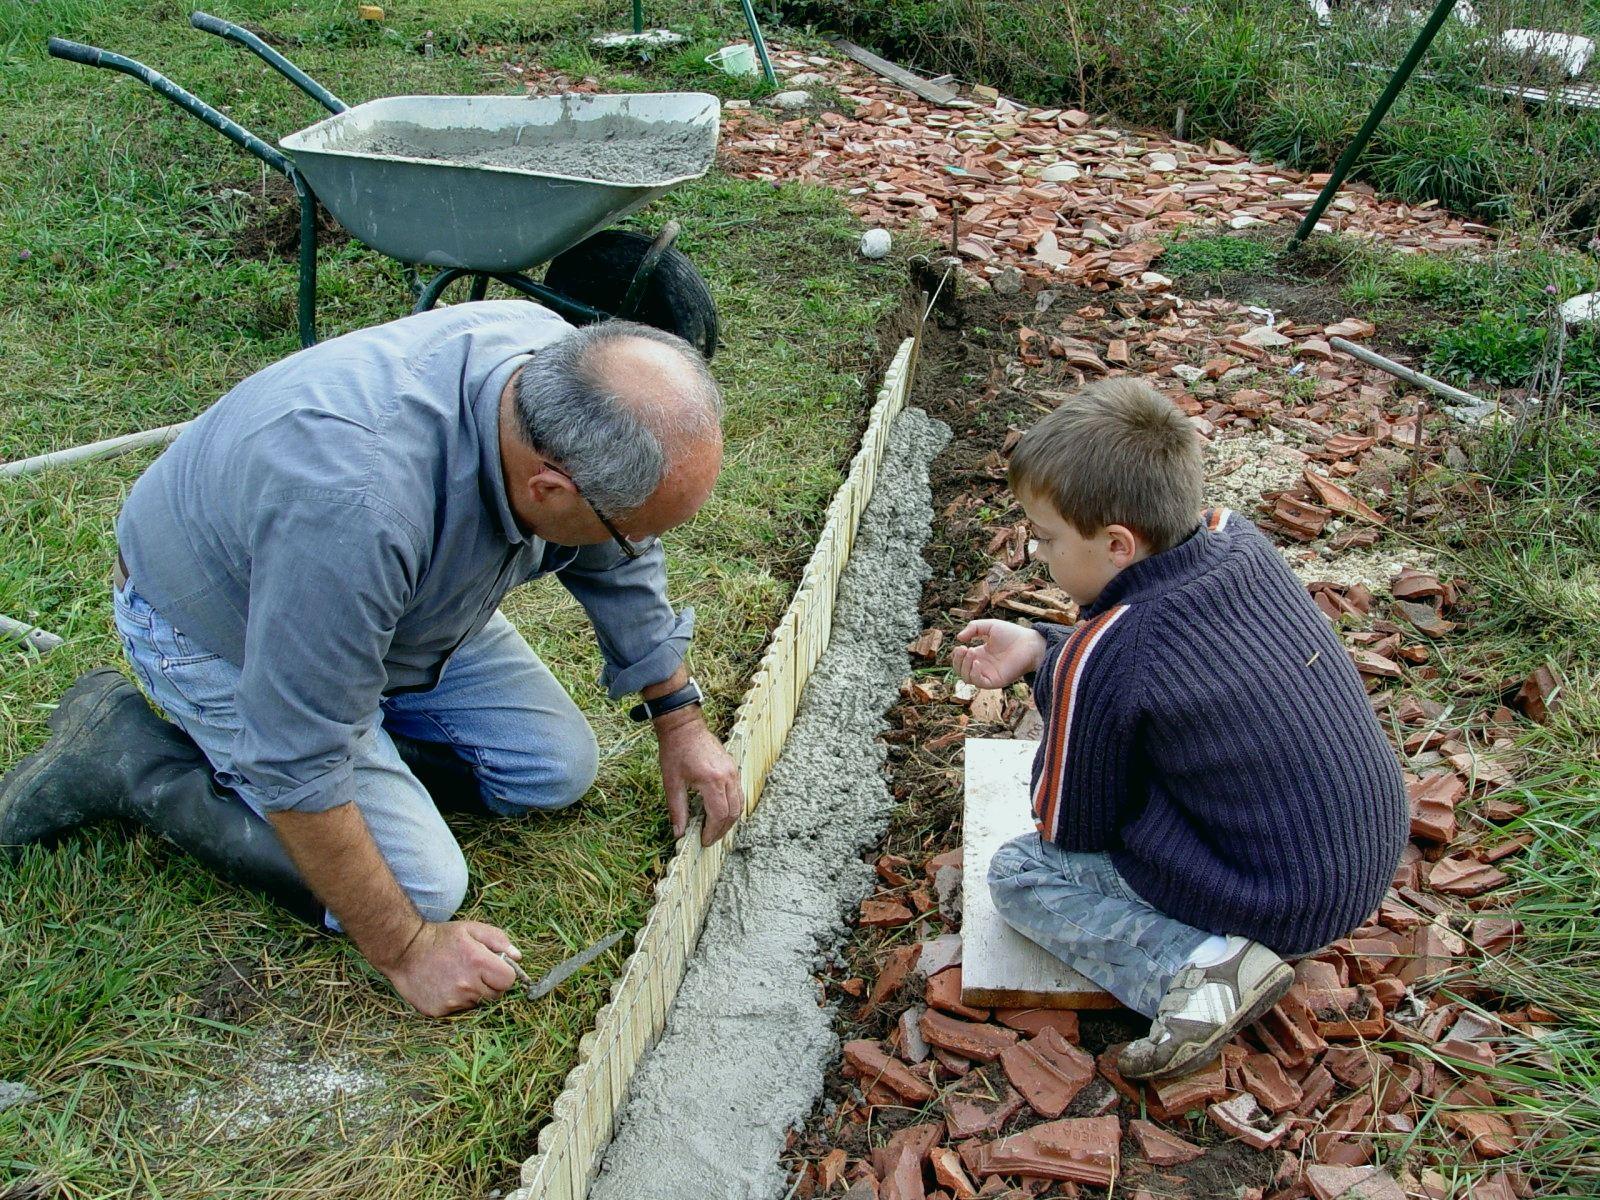 Bordure De Jardin Pierrebordureleroy Merlin Bordure Jardin ... destiné Bordure De Jardin Plastique Leroy Merlin